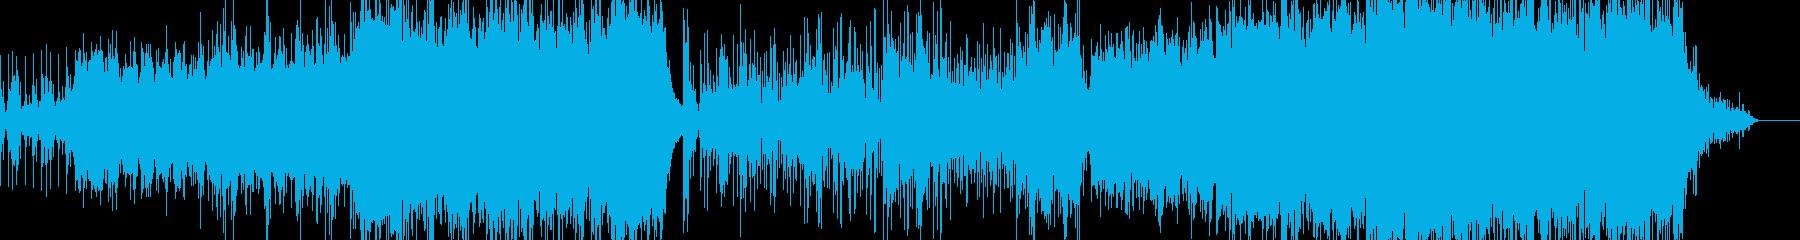 西アジア風音楽ーEast windの再生済みの波形